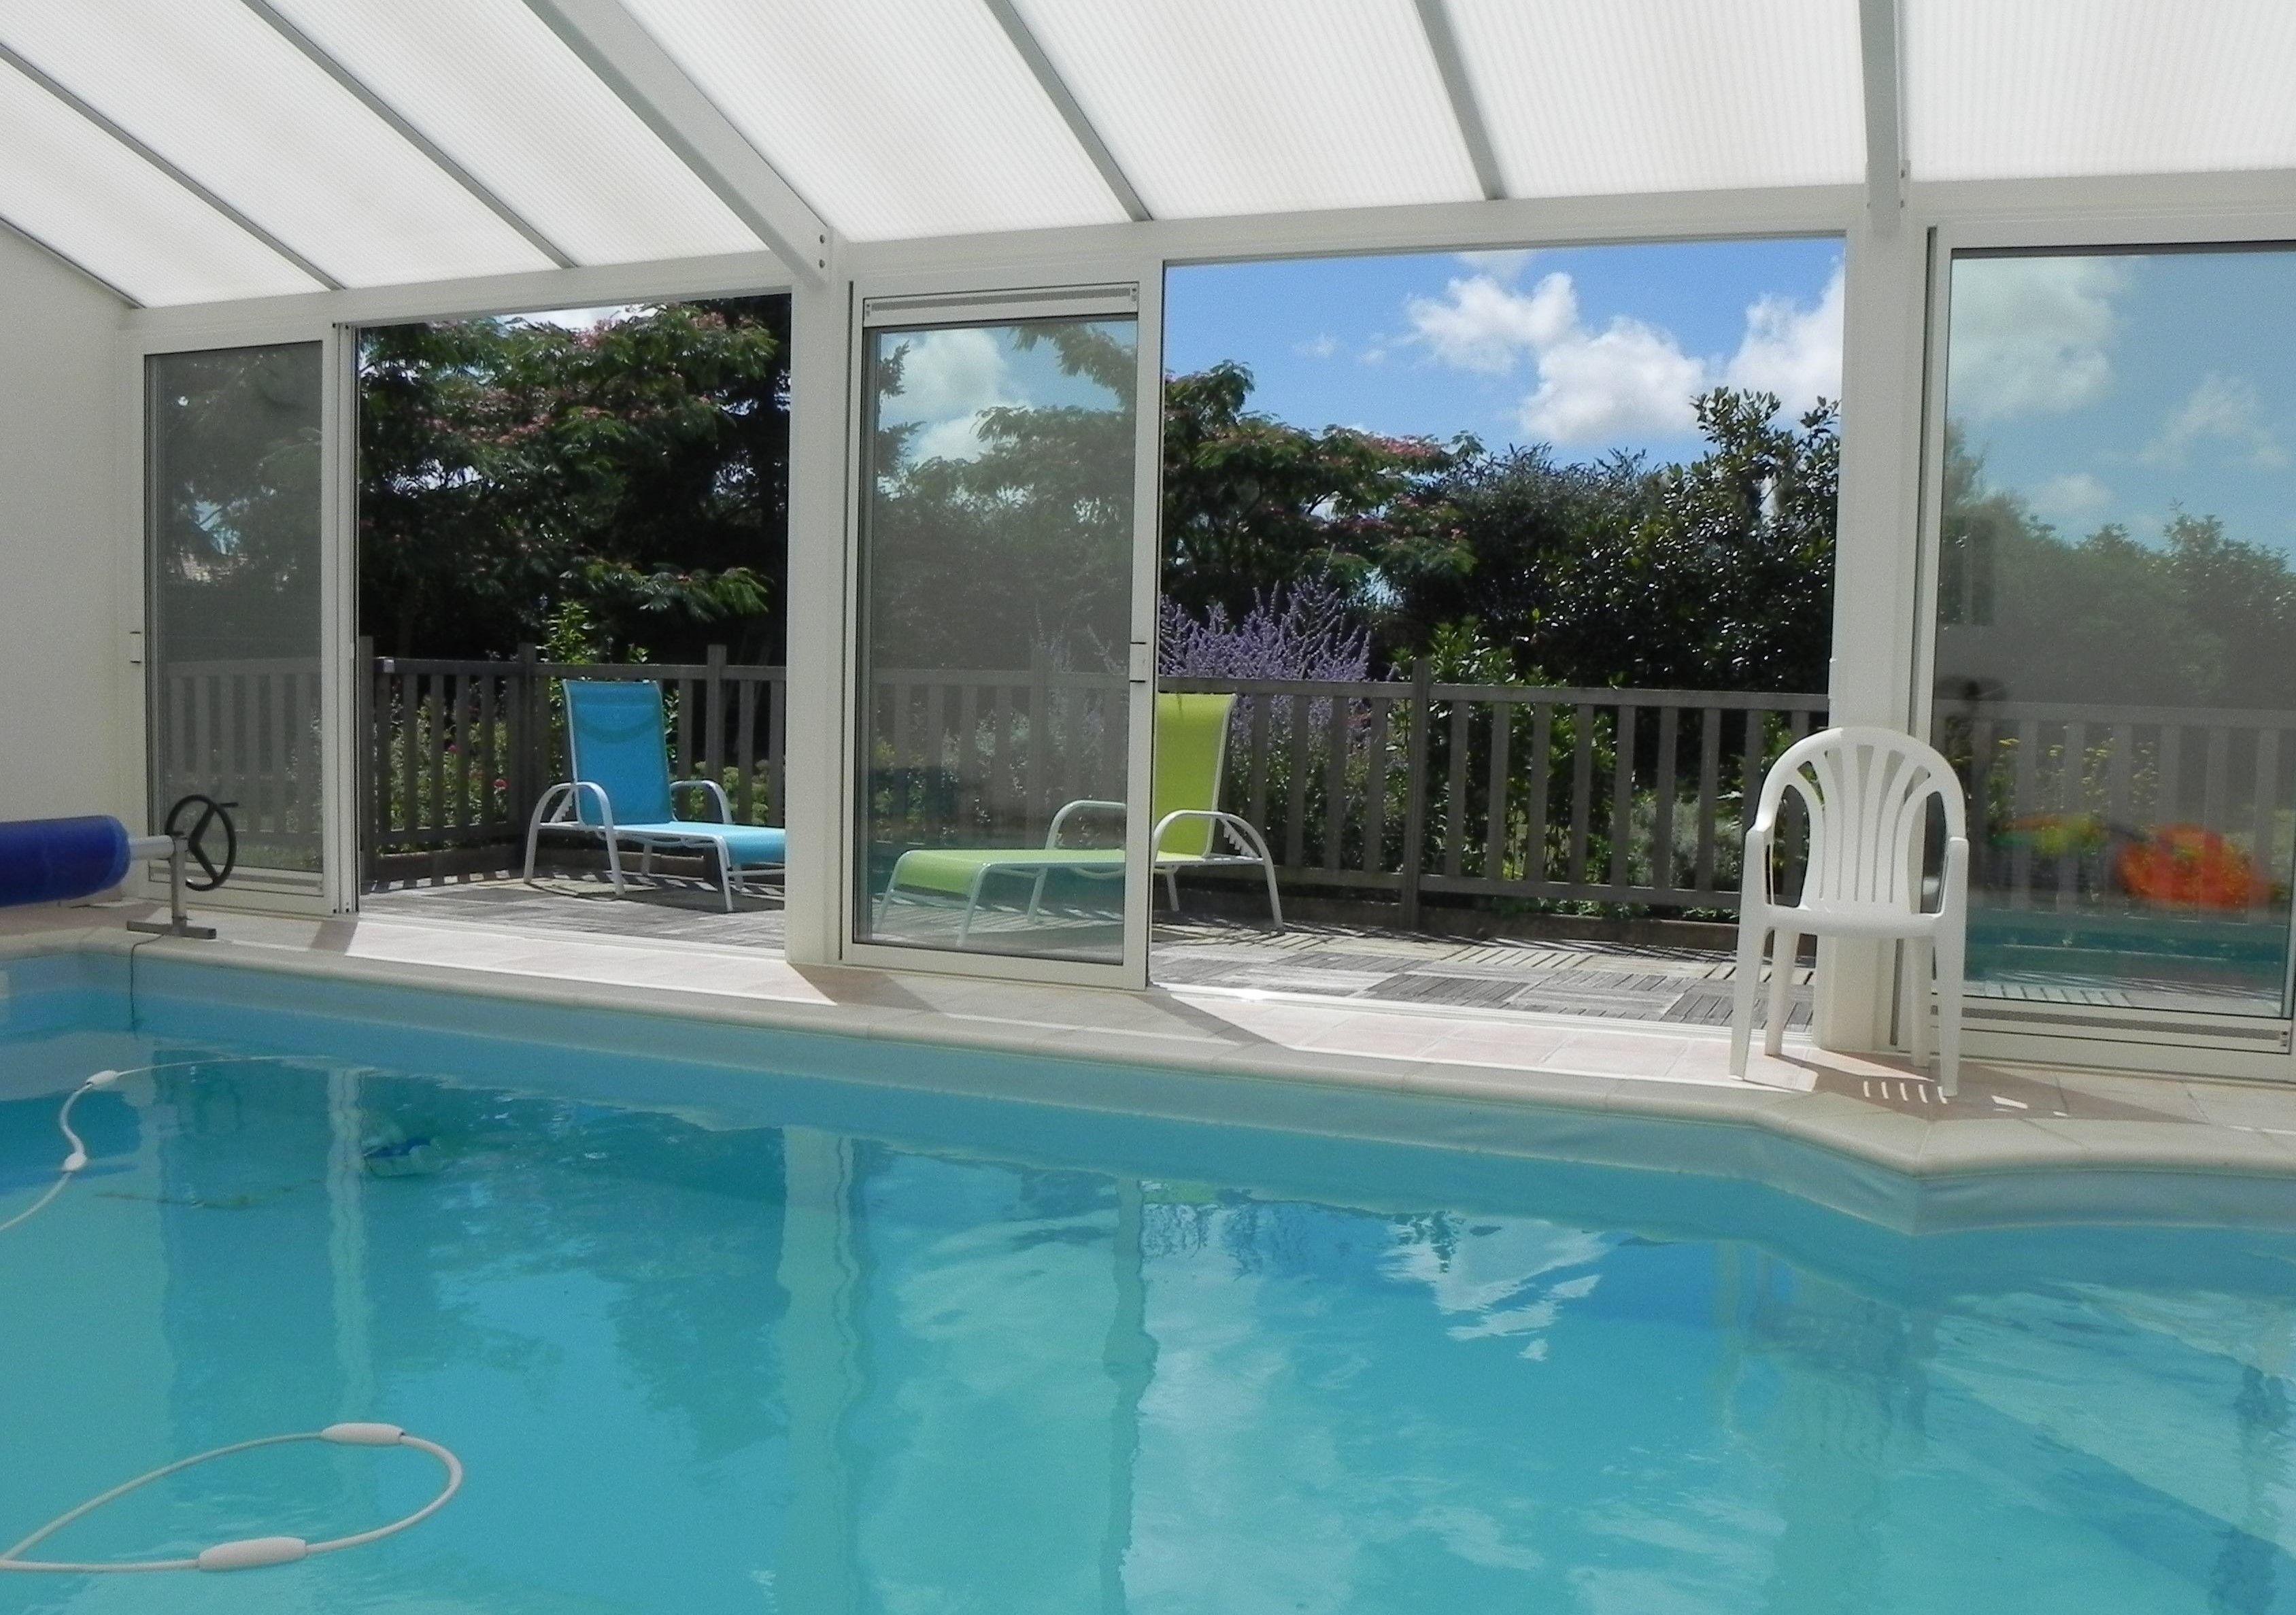 piscine 4 x 8 ouverte 17/20 h en saison